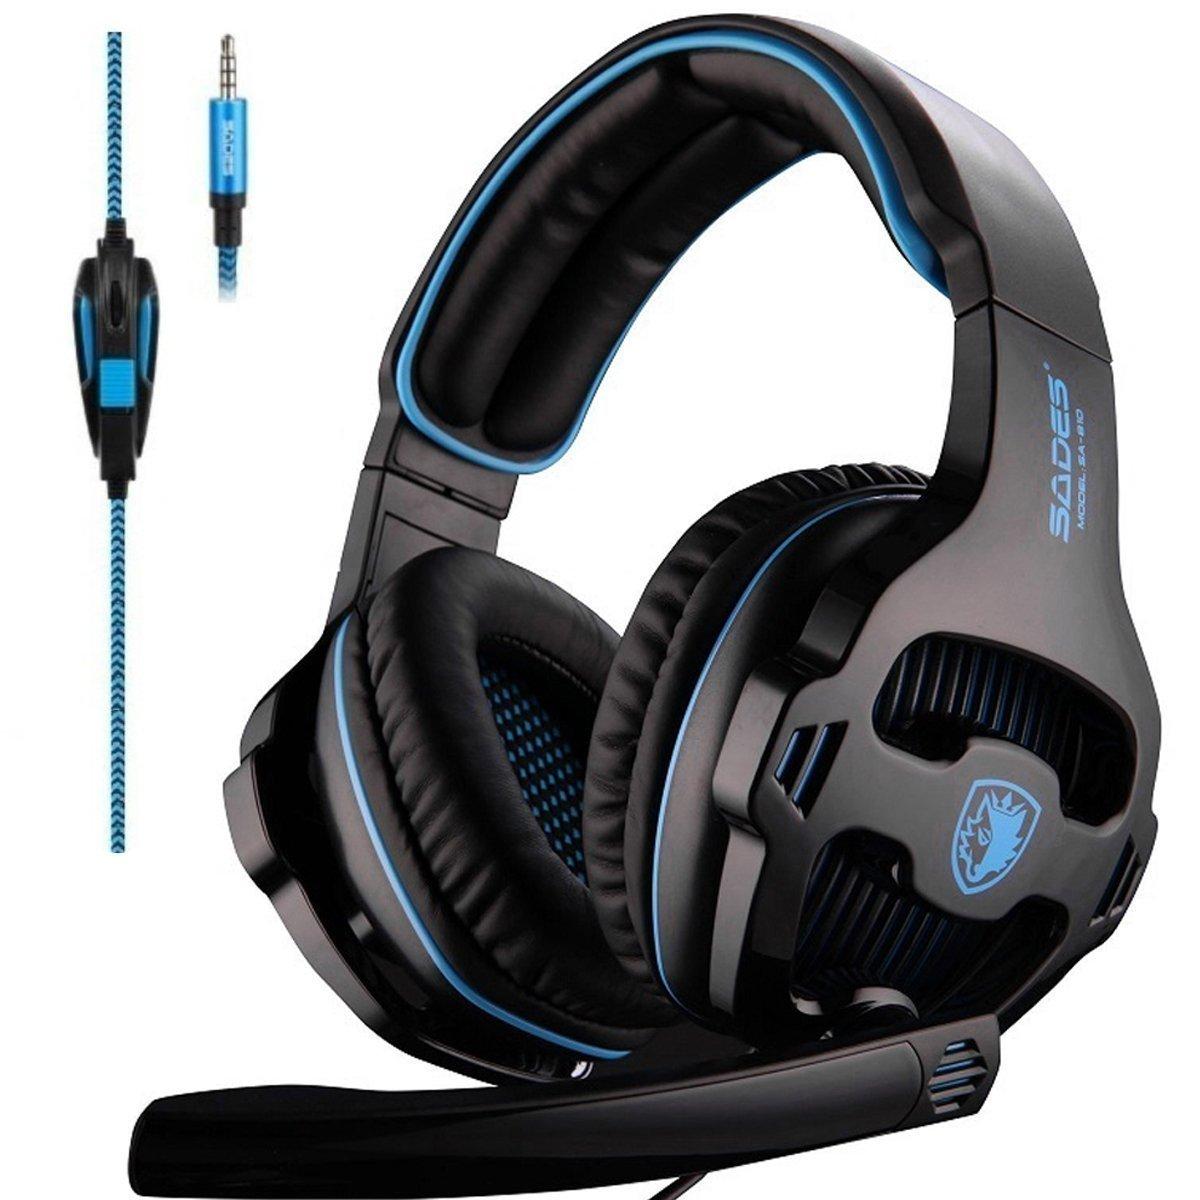 Gaming Auriculare, SADES SA810 PC XBOX ONE PS4 Auriculare Estéreo con Micrófono 3.5mm Jack Sobre los Auriculares: Amazon.es: Videojuegos